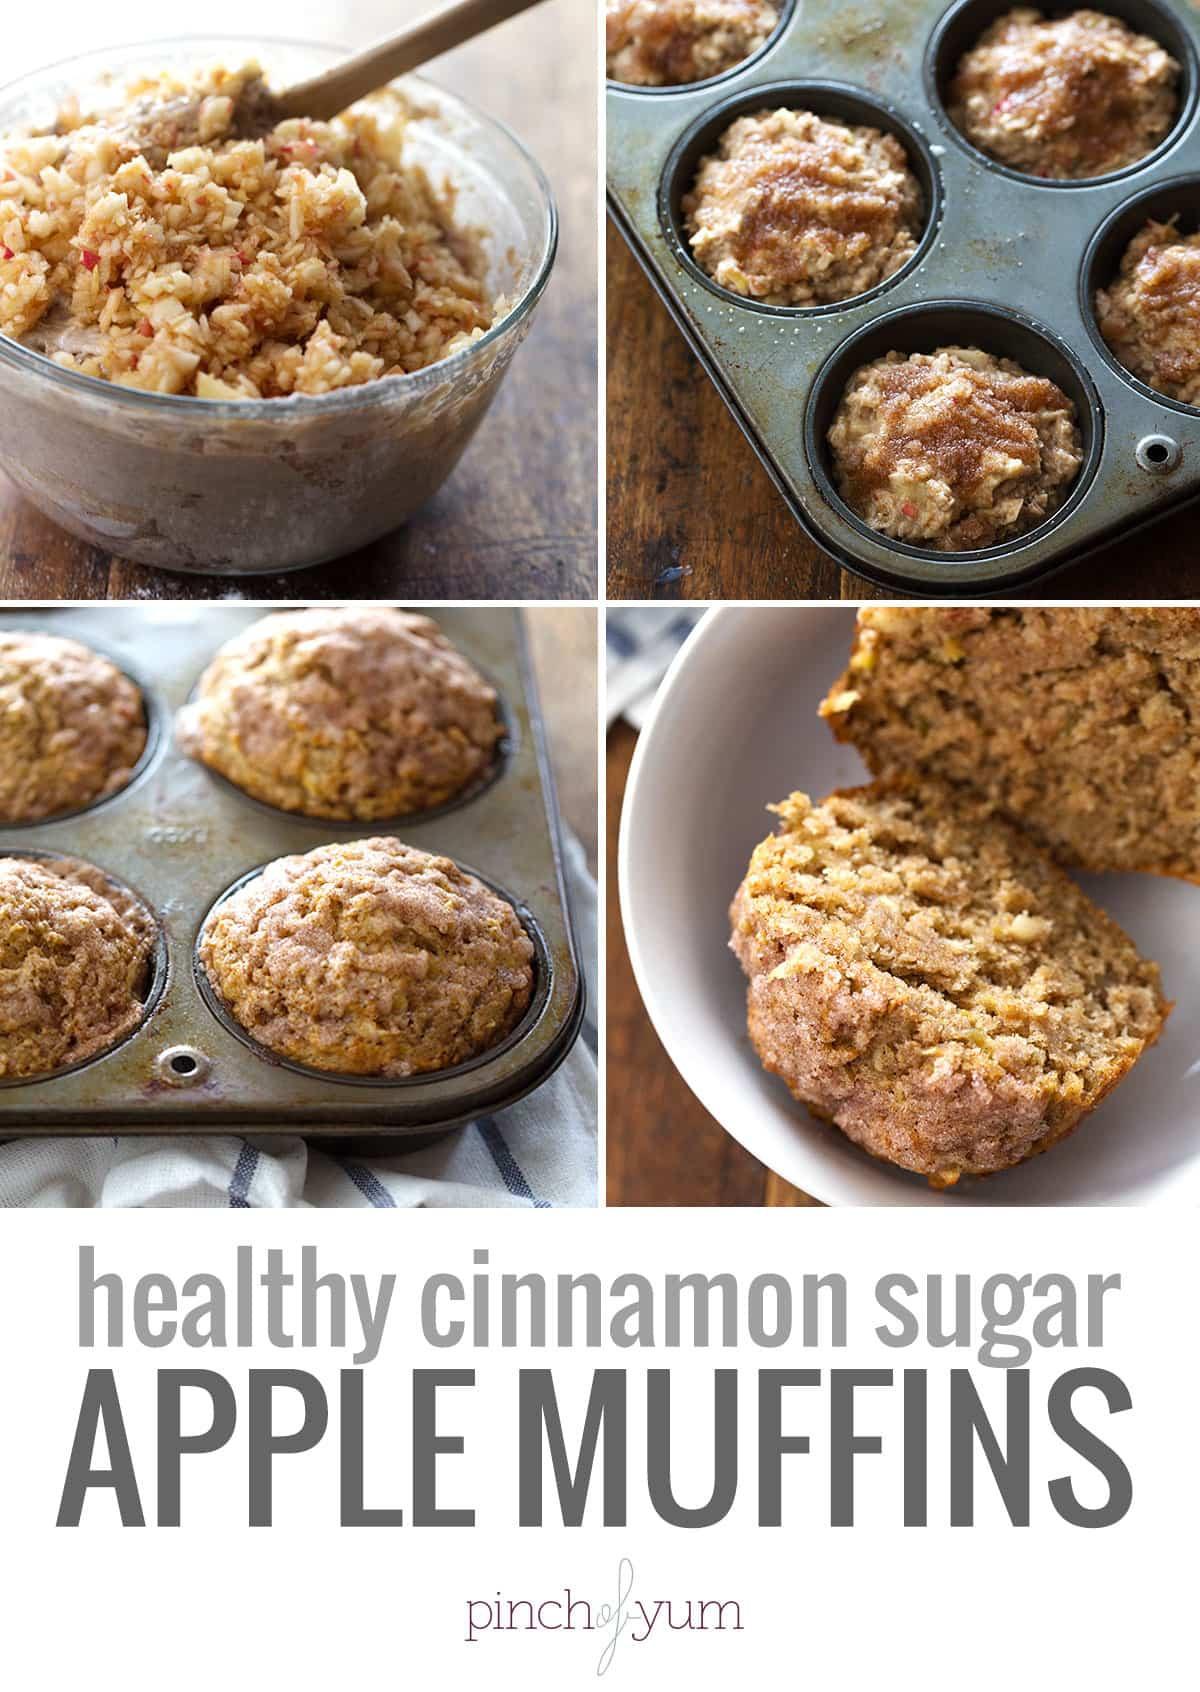 Apple Recipes Healthy  Healthy Cinnamon Sugar Apple Muffins Recipe Pinch of Yum